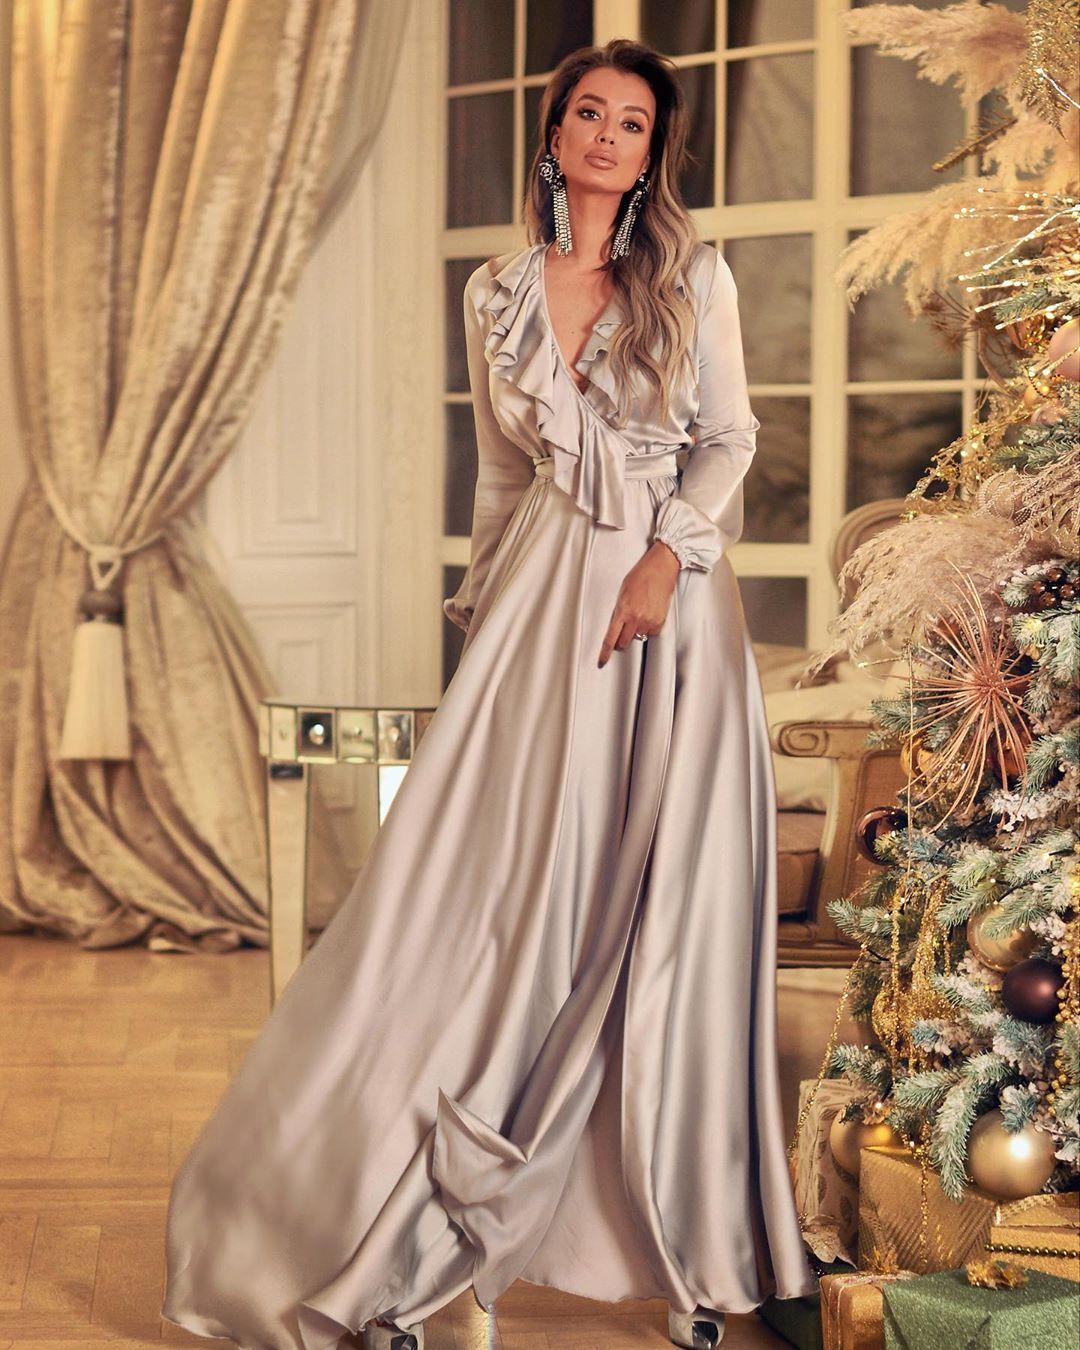 Самые красивые новогодние платья 2020 фото 11